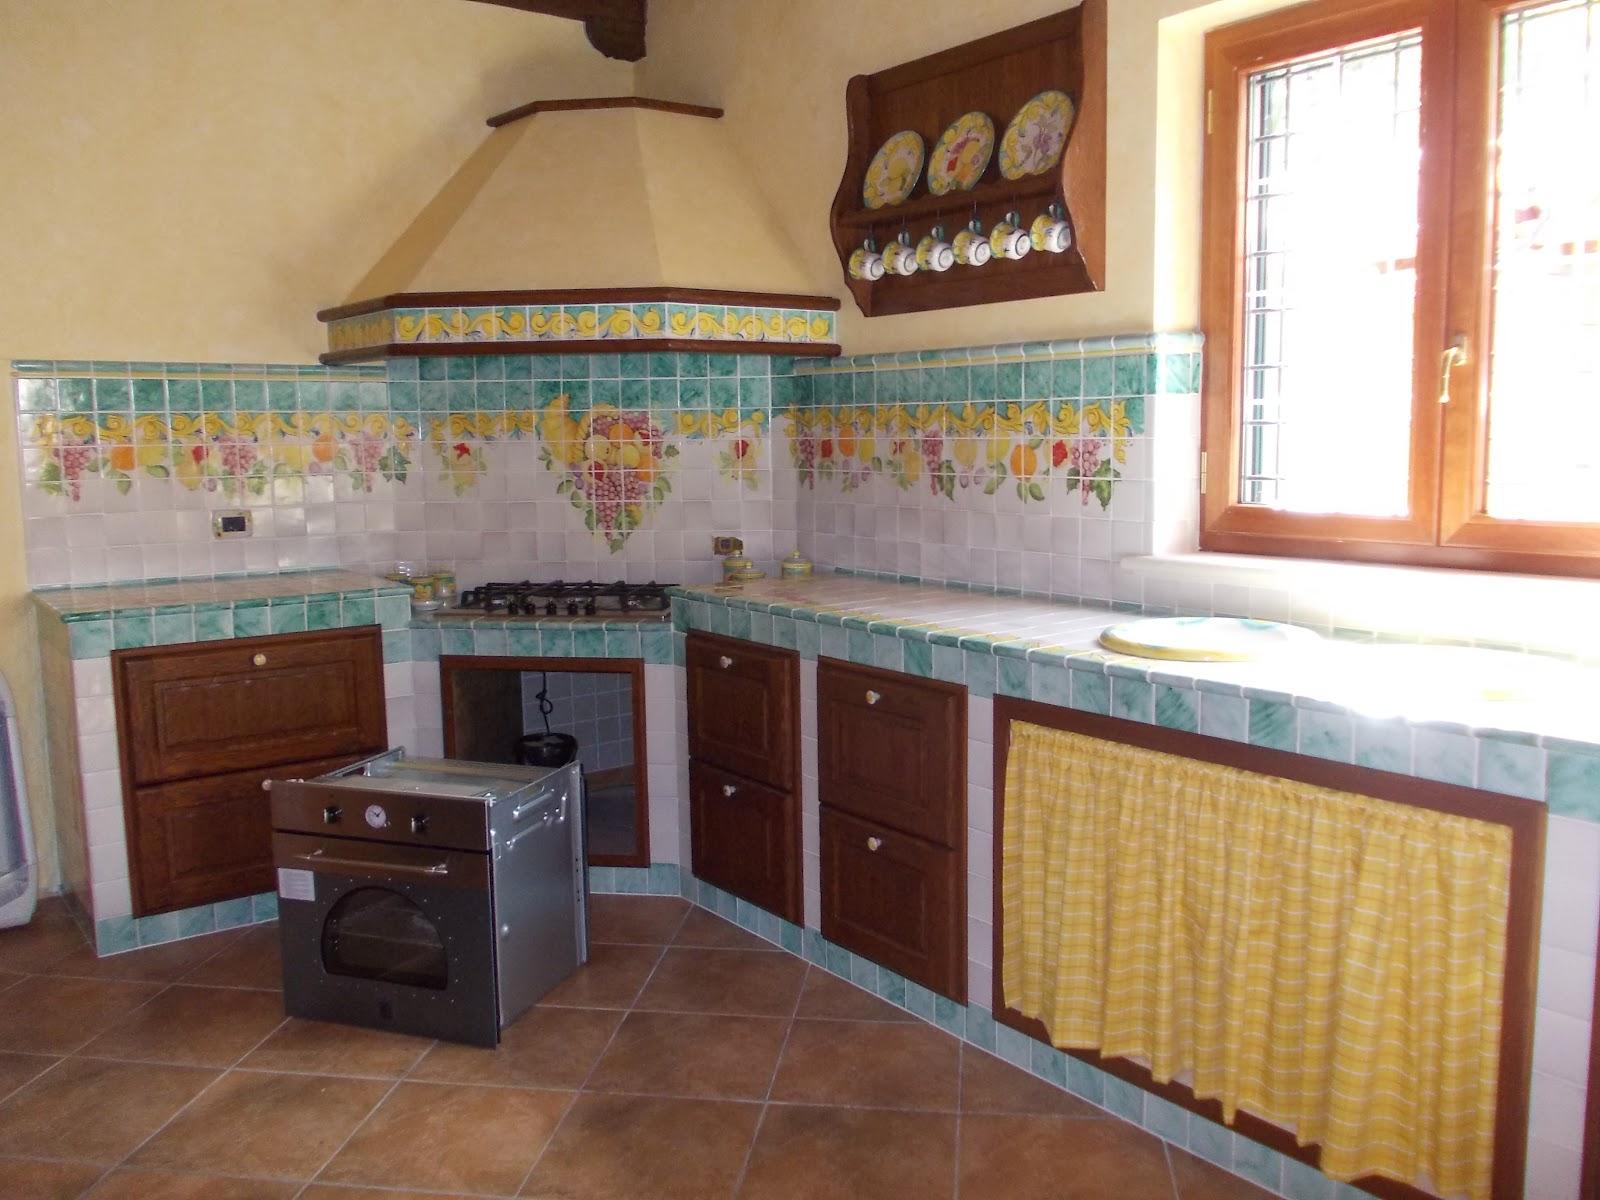 cucito provenzale cucine : Come Arredare In Stile Shabby Chic Country Chic E Home Interior ...